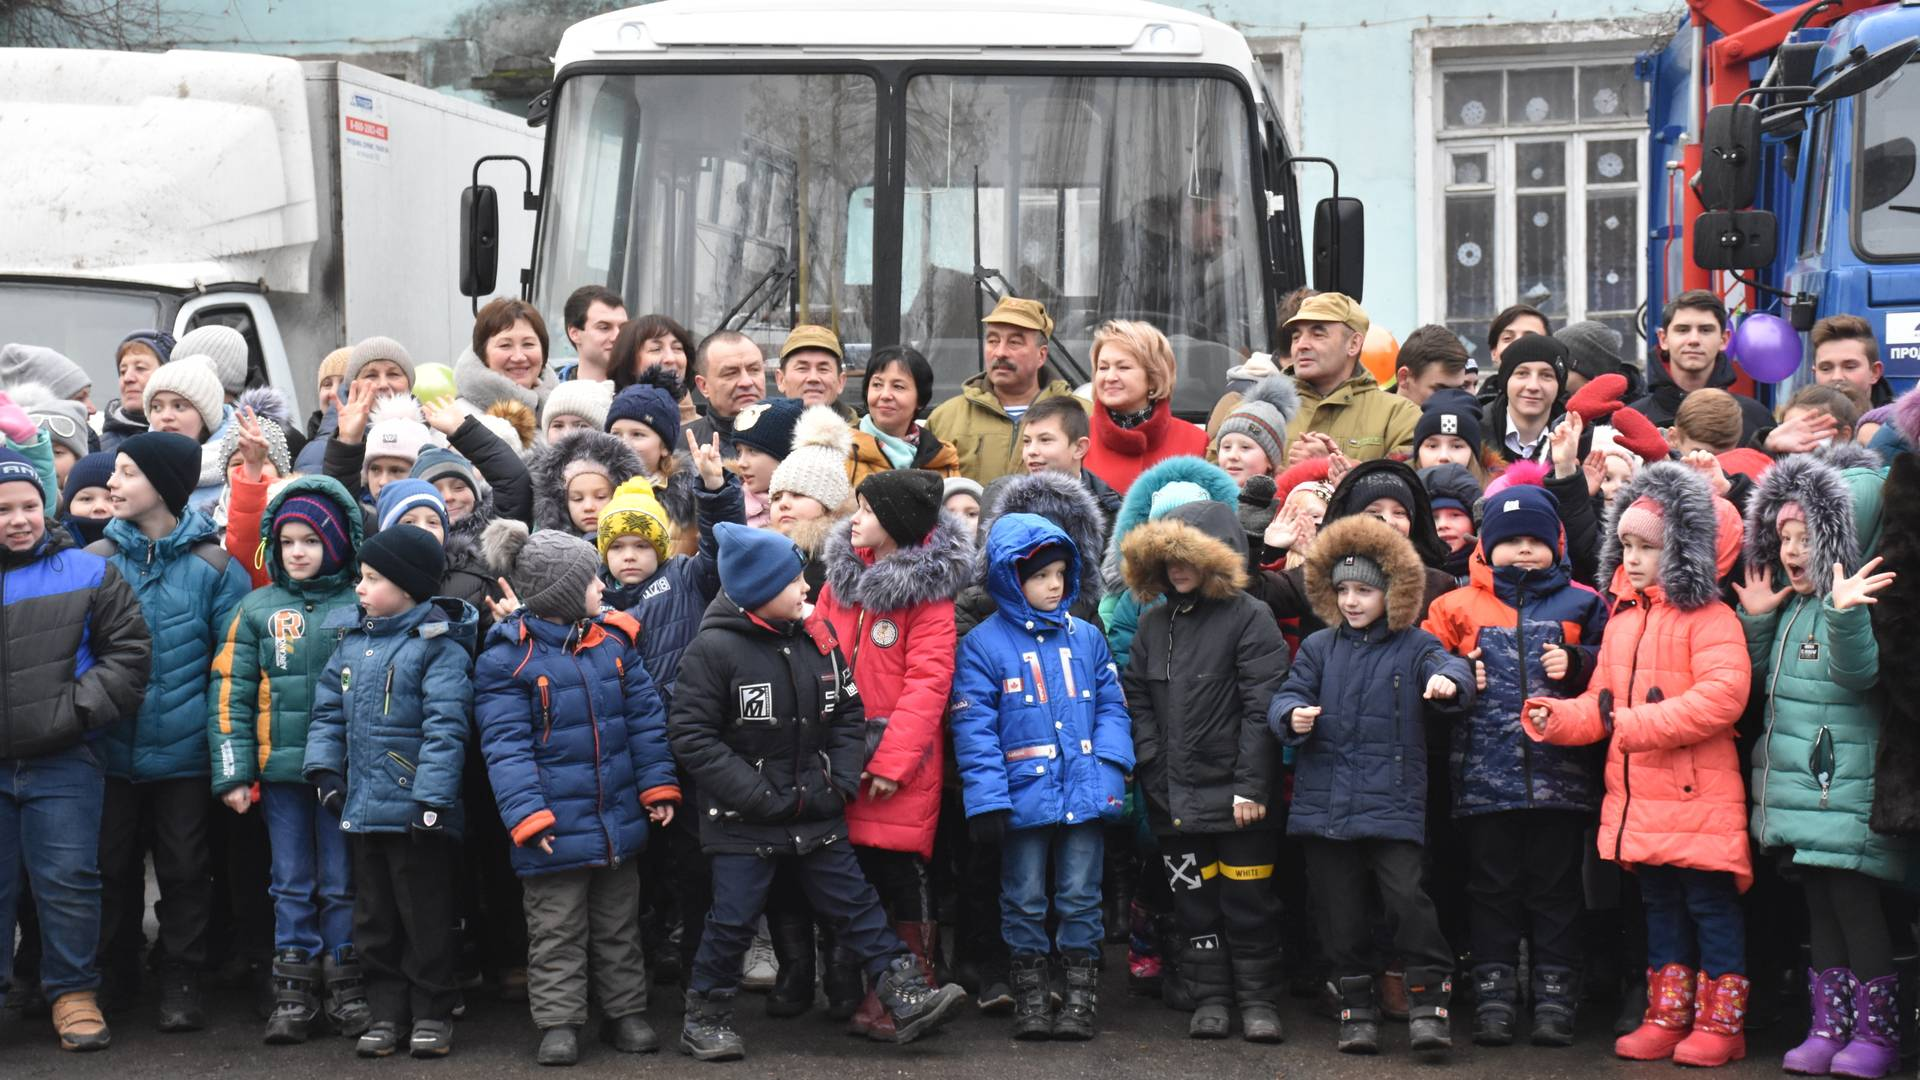 Дети 22 школы города Петровское с гостями из Башкирии на фоне подаренного автобуса